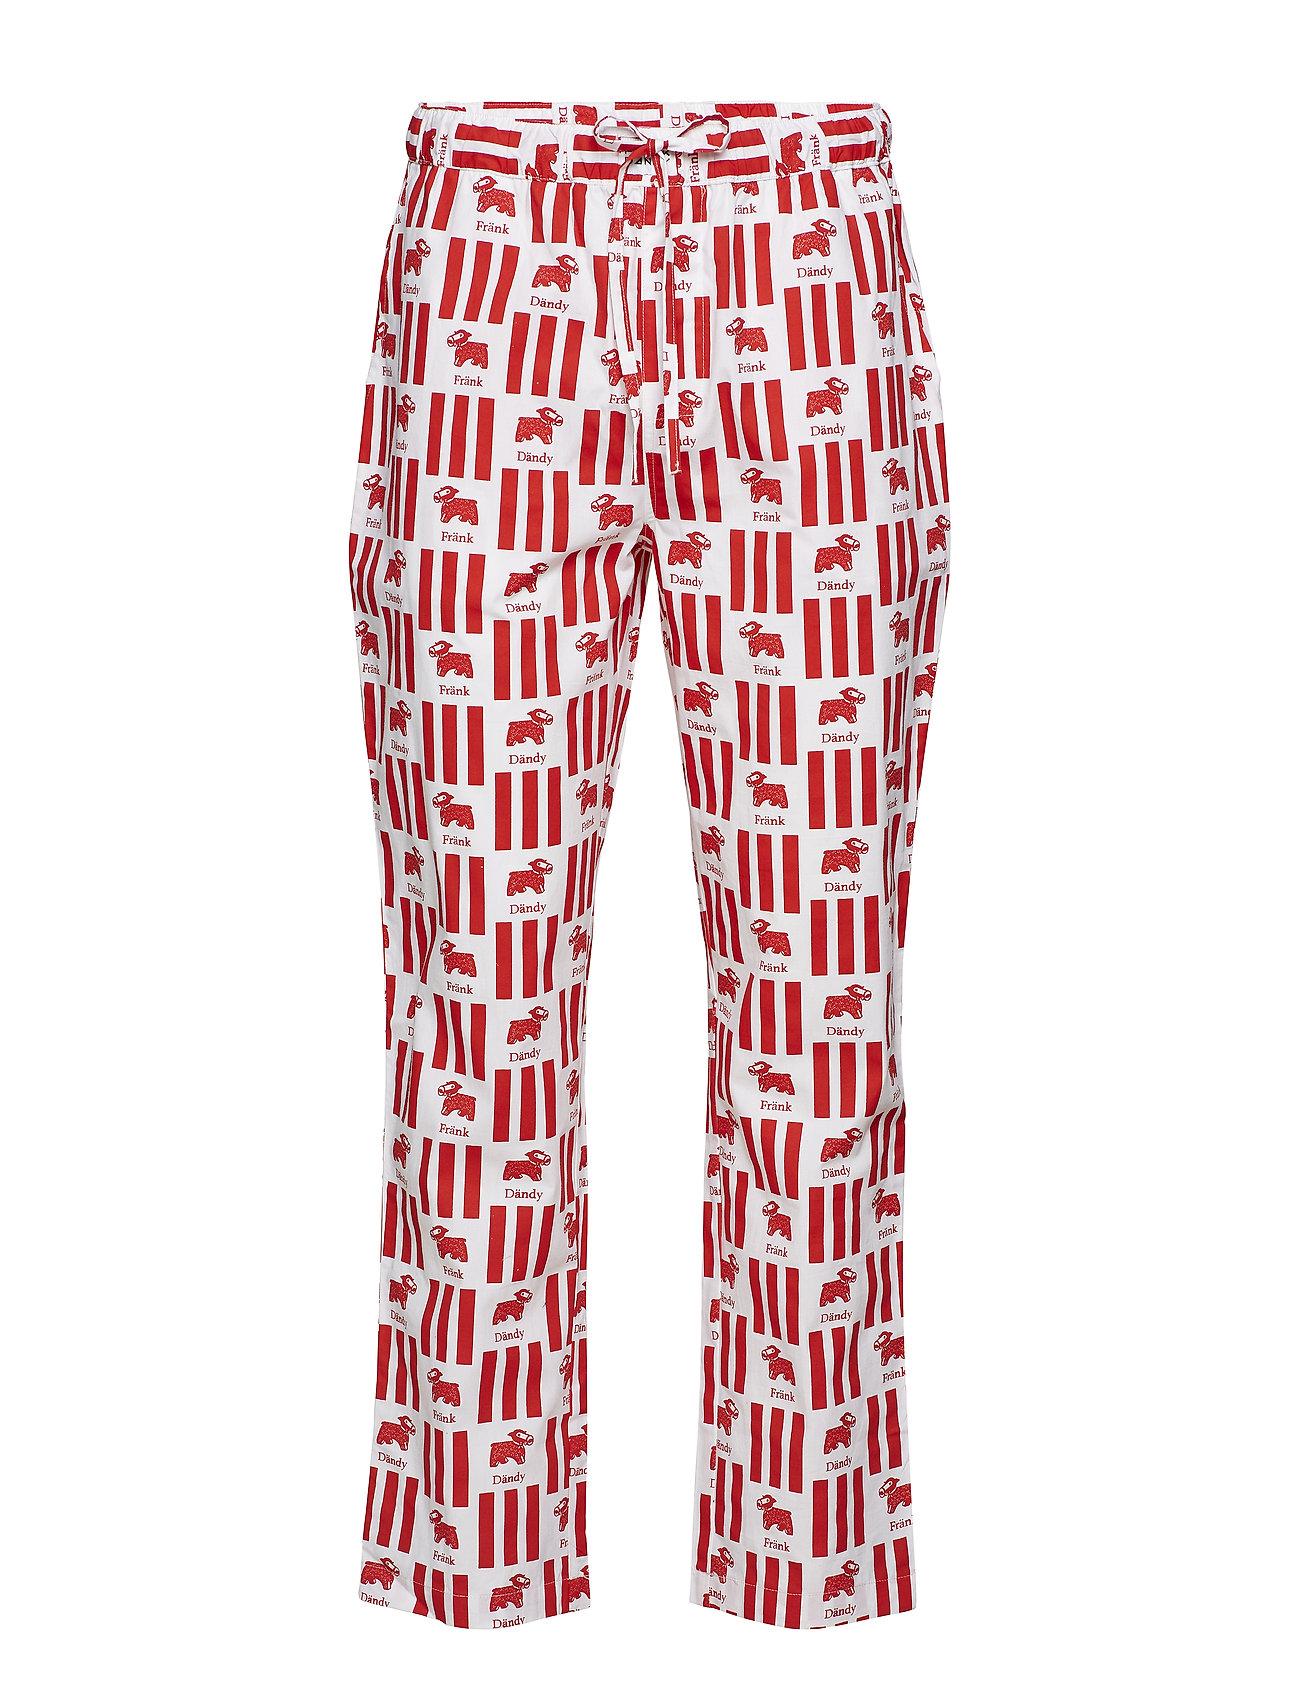 Image of Milk Pyjama Kit Pyjamas Nattøj Rød FRANK DANDY (3092617923)